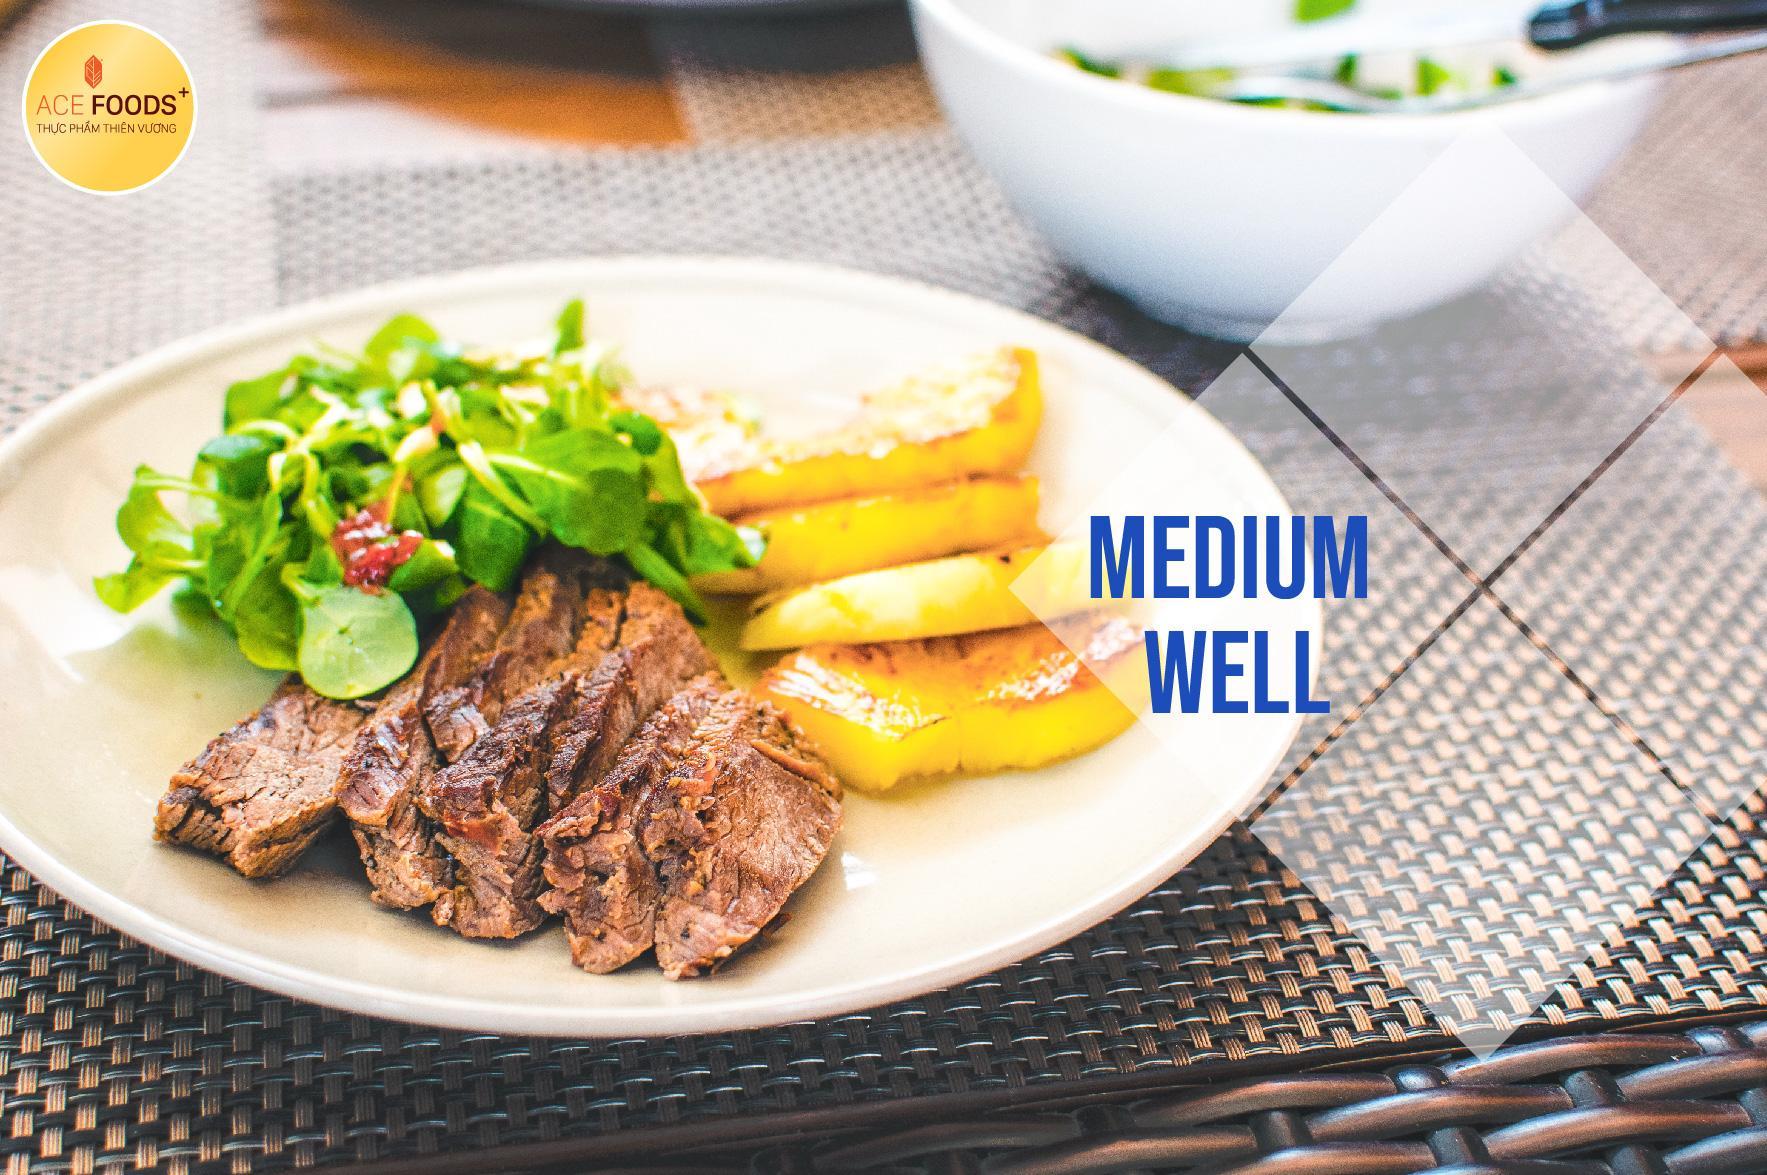 Medium well là mức độ thịt chín khi được áp chảo 5 phút mỗi mặt